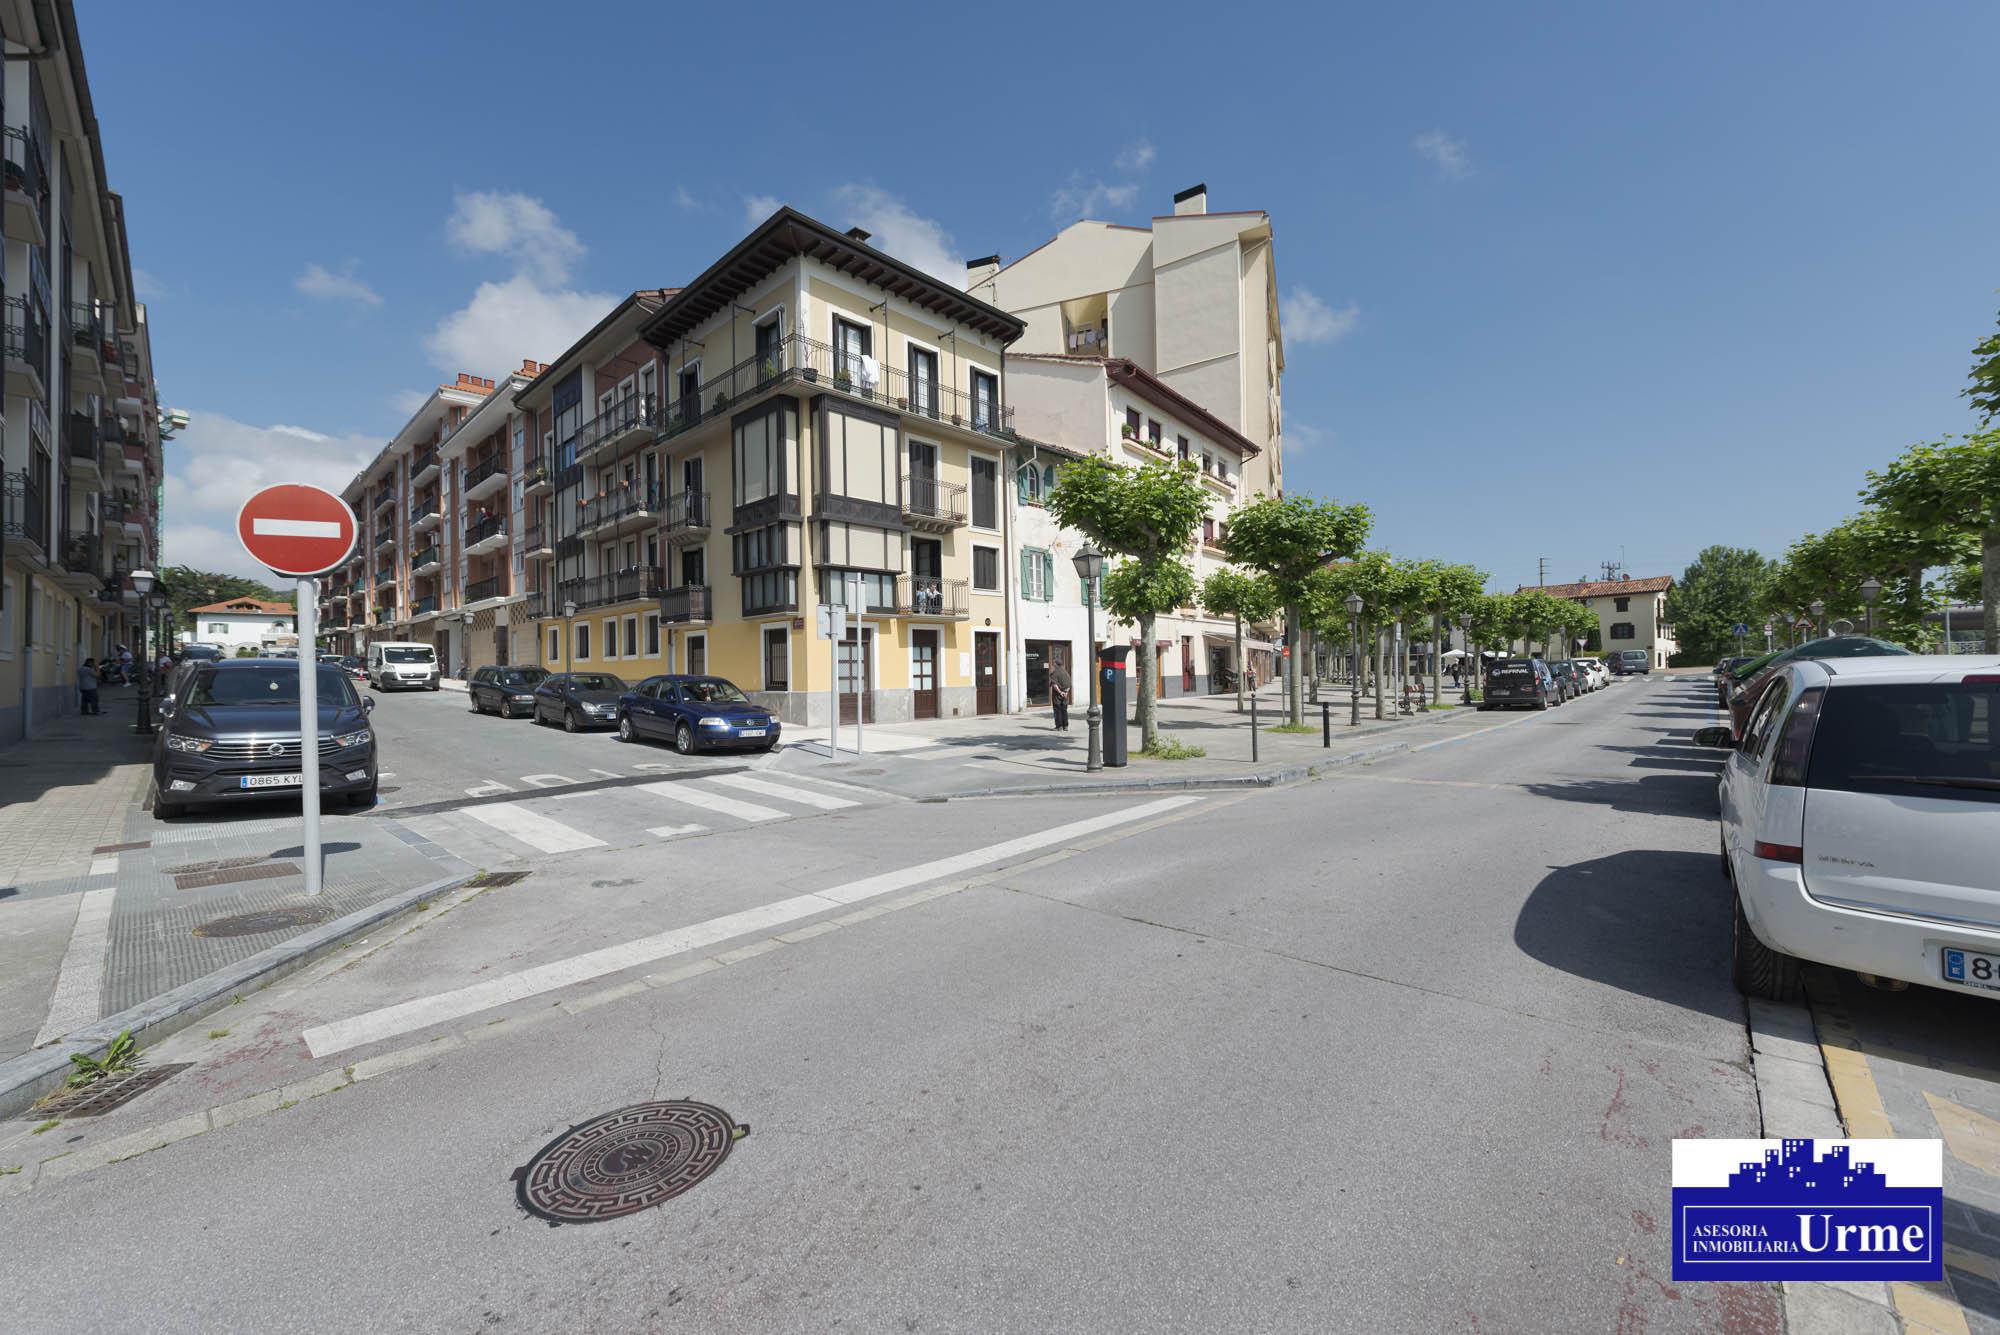 En Santiago con terraza amplia, zona tranquila a dos pasos del centro,bidegorri a proximidad.90m2, 3 habitaciones,salon,cocina y 2 baños. Trastero. Bicicletero comun.Informate!!!!!!!